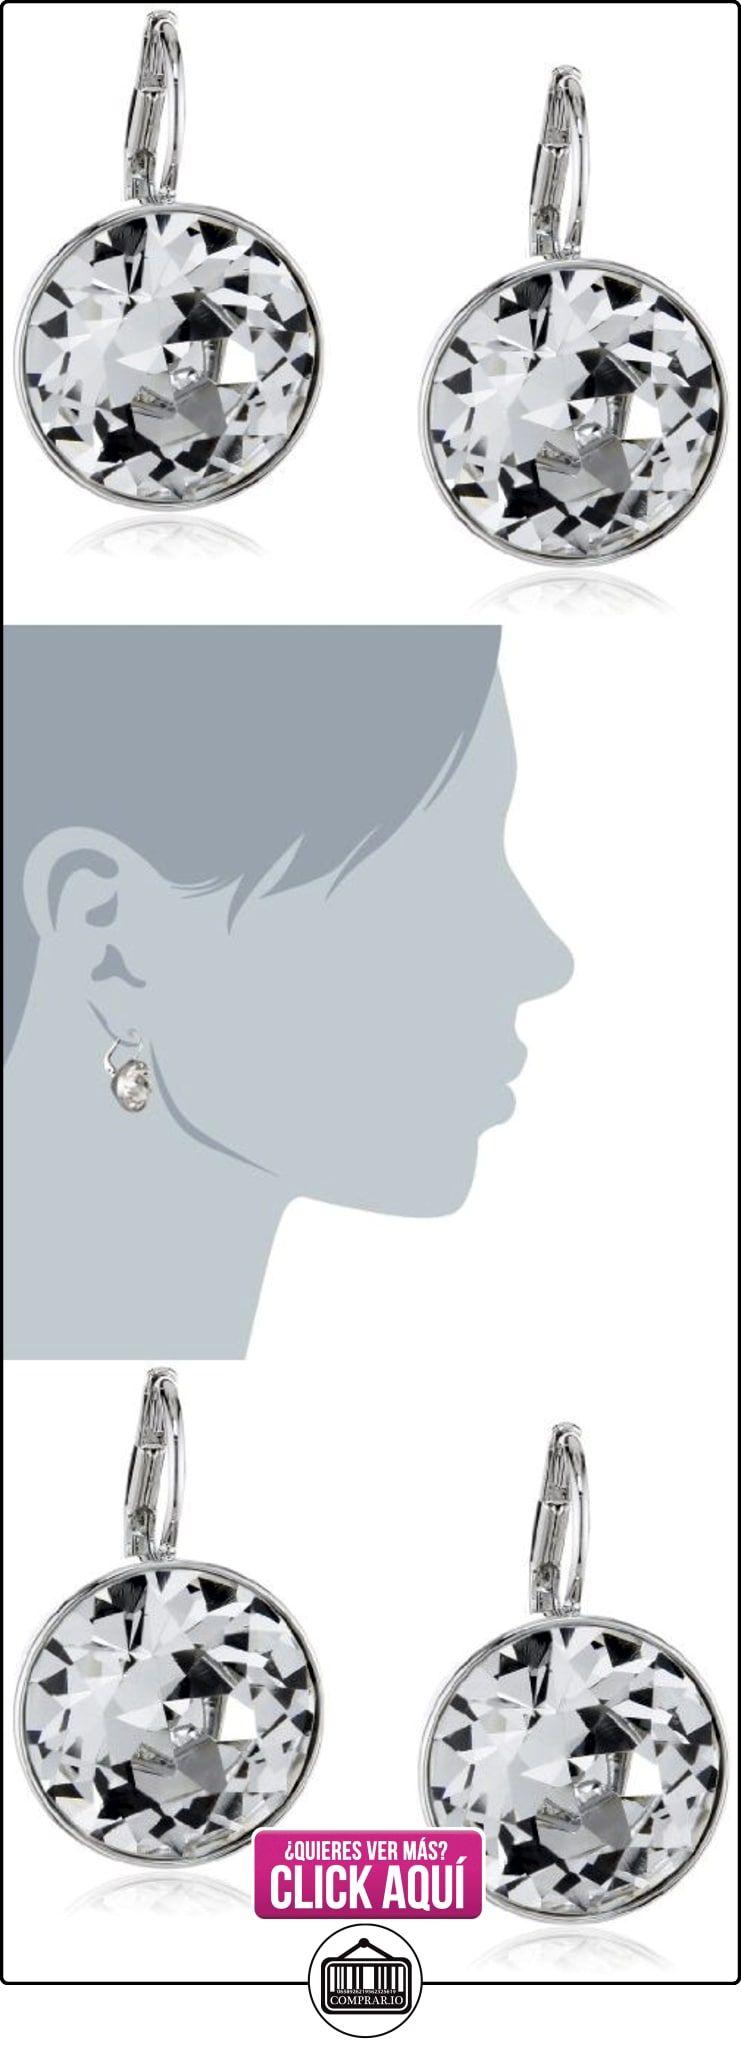 Swarovski pendientes mujer Bella 1.5cm  ✿ Joyas para mujer - Las mejores ofertas ✿ ▬► Ver oferta: http://comprar.io/goto/B004ODZU9A